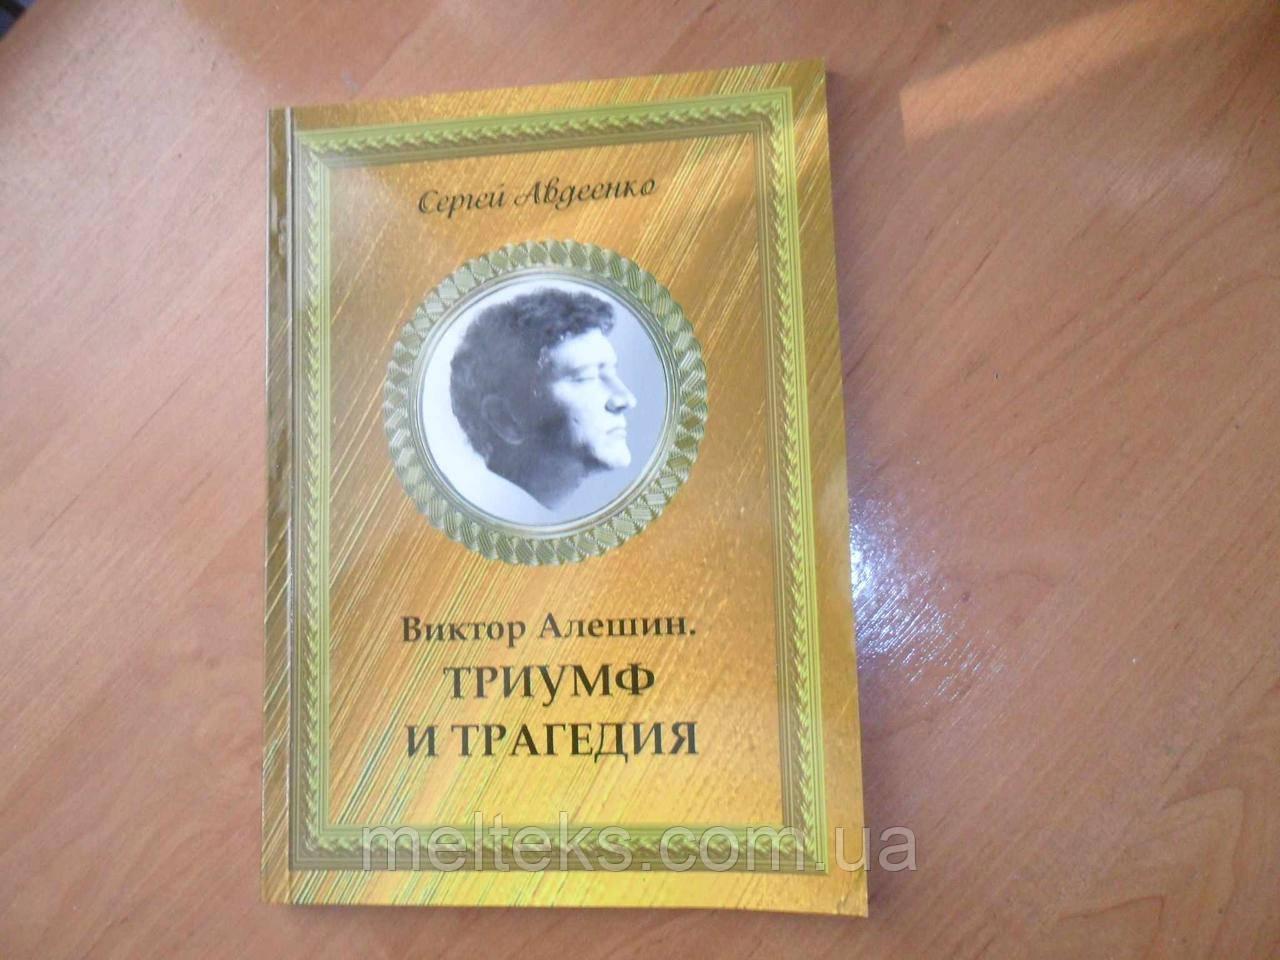 Виктор Алешин. Триумф и трагедия (книга Сергея Авдеенко)